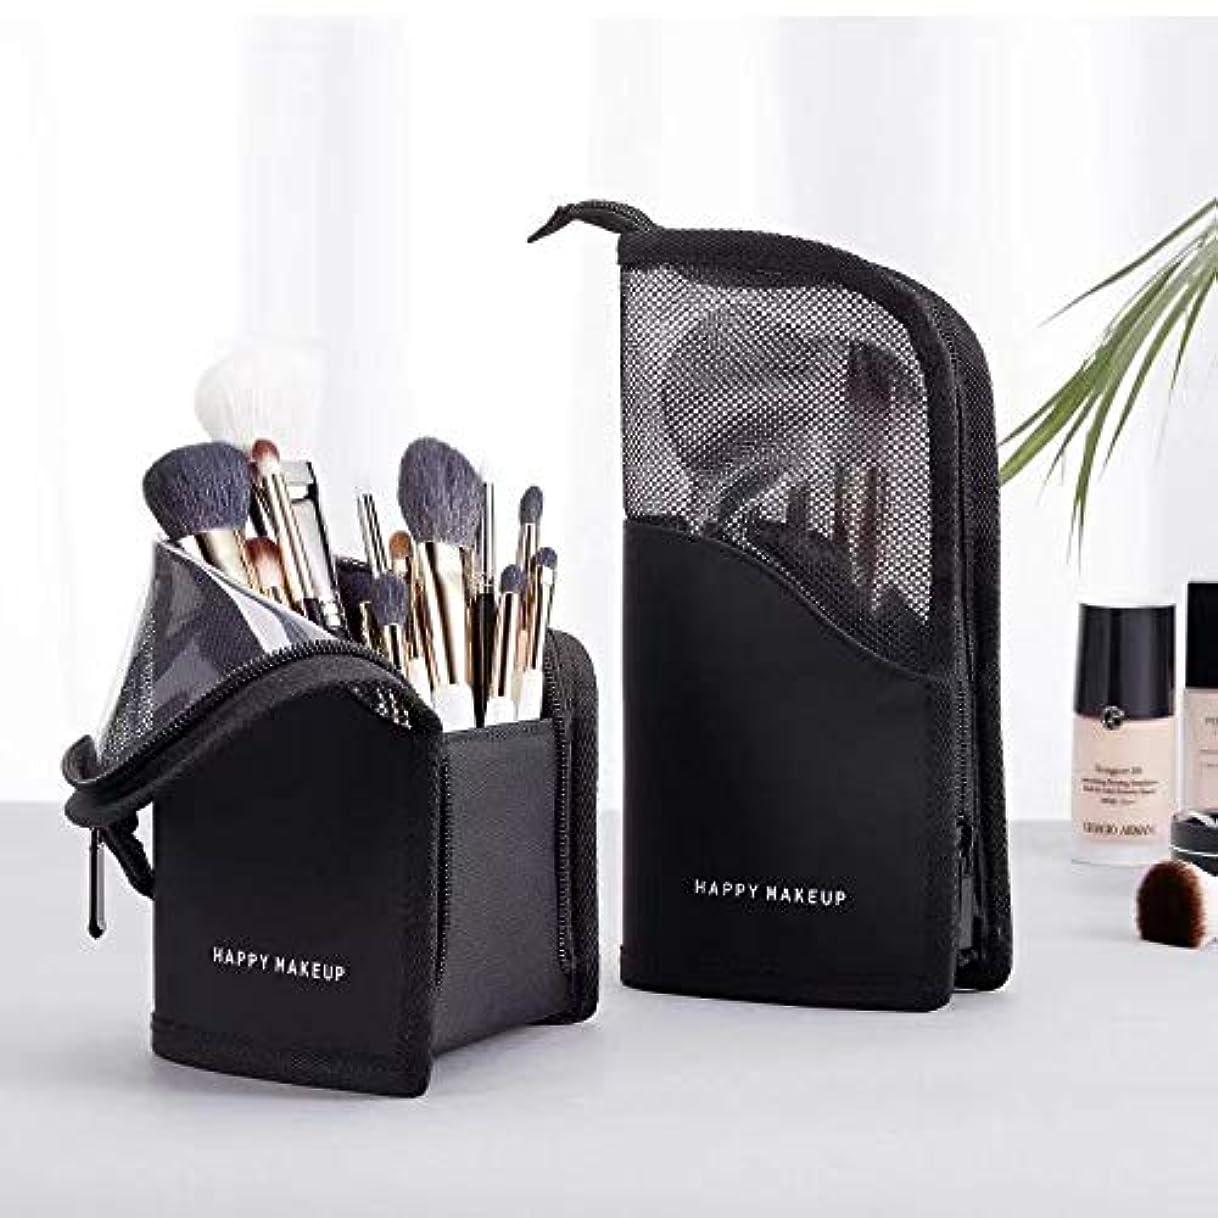 ハンディキャップ著名なすりIN styleメイクブラシ ケース 化粧筆ポーチ 化粧ポーチ 旅行収納 大容量 自立式ブラシポーチメイクブラシホルダー バッグ スタンド ケース 筆箱